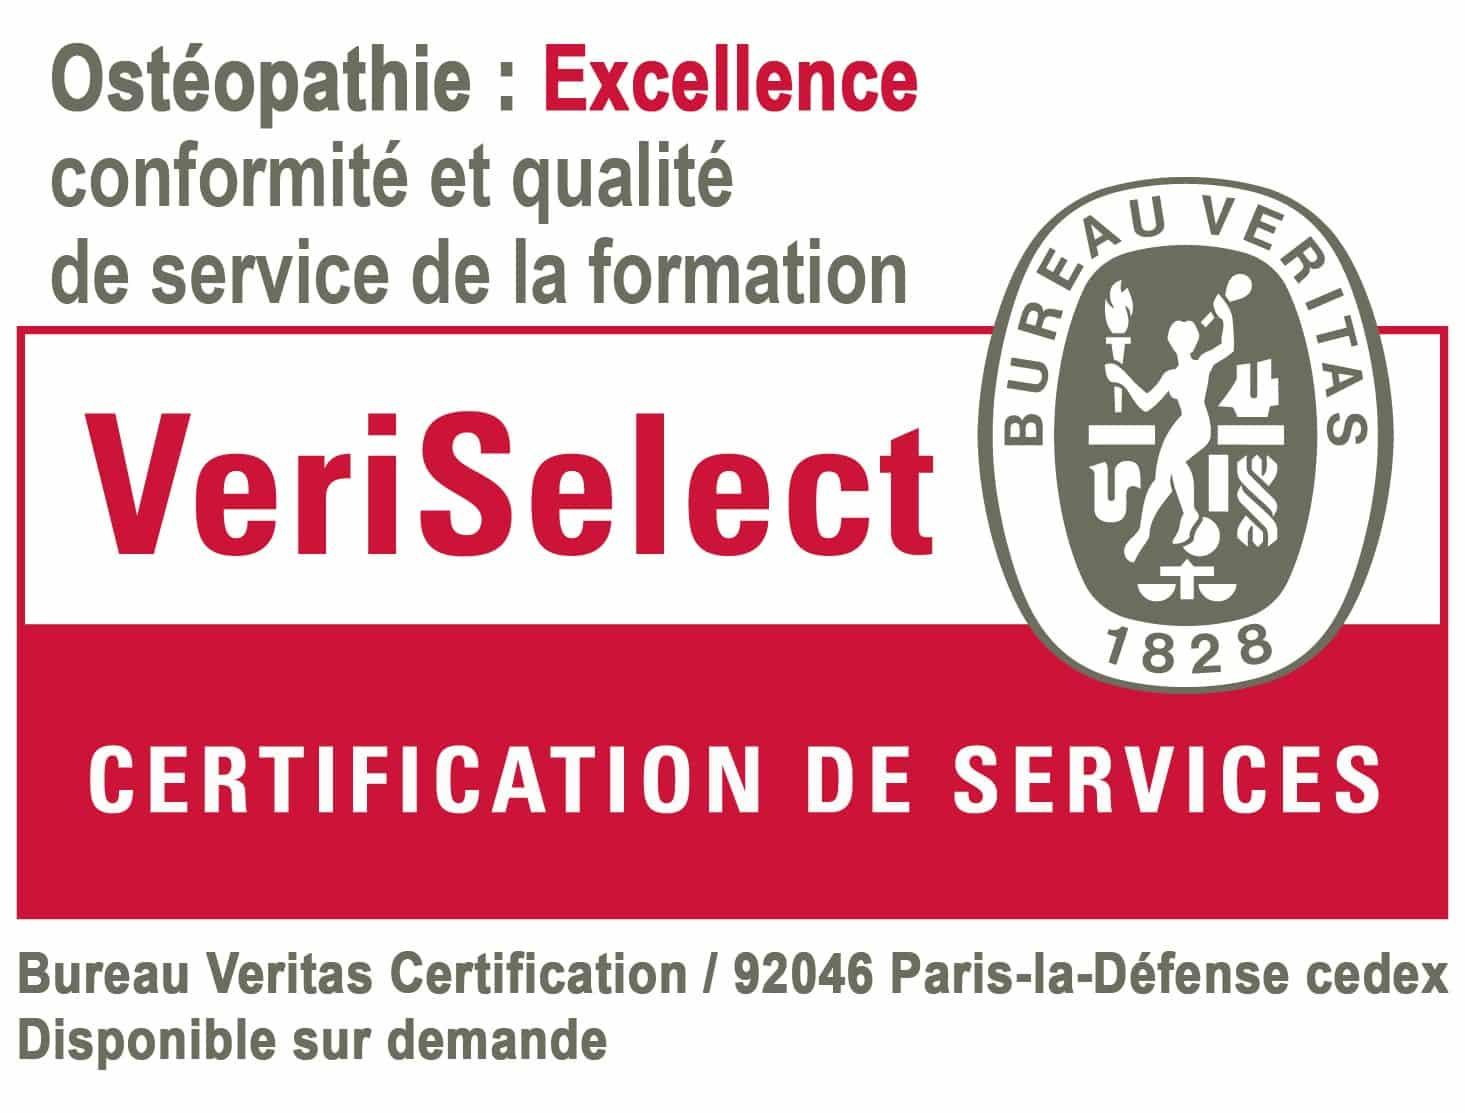 """Logo VeriSlect, certification de services. Ce logo certifie la formation en ostéopathie d'ISOstéo Lyon et la place dans la case """"excellence, conformité et qualité de service de la formation"""""""